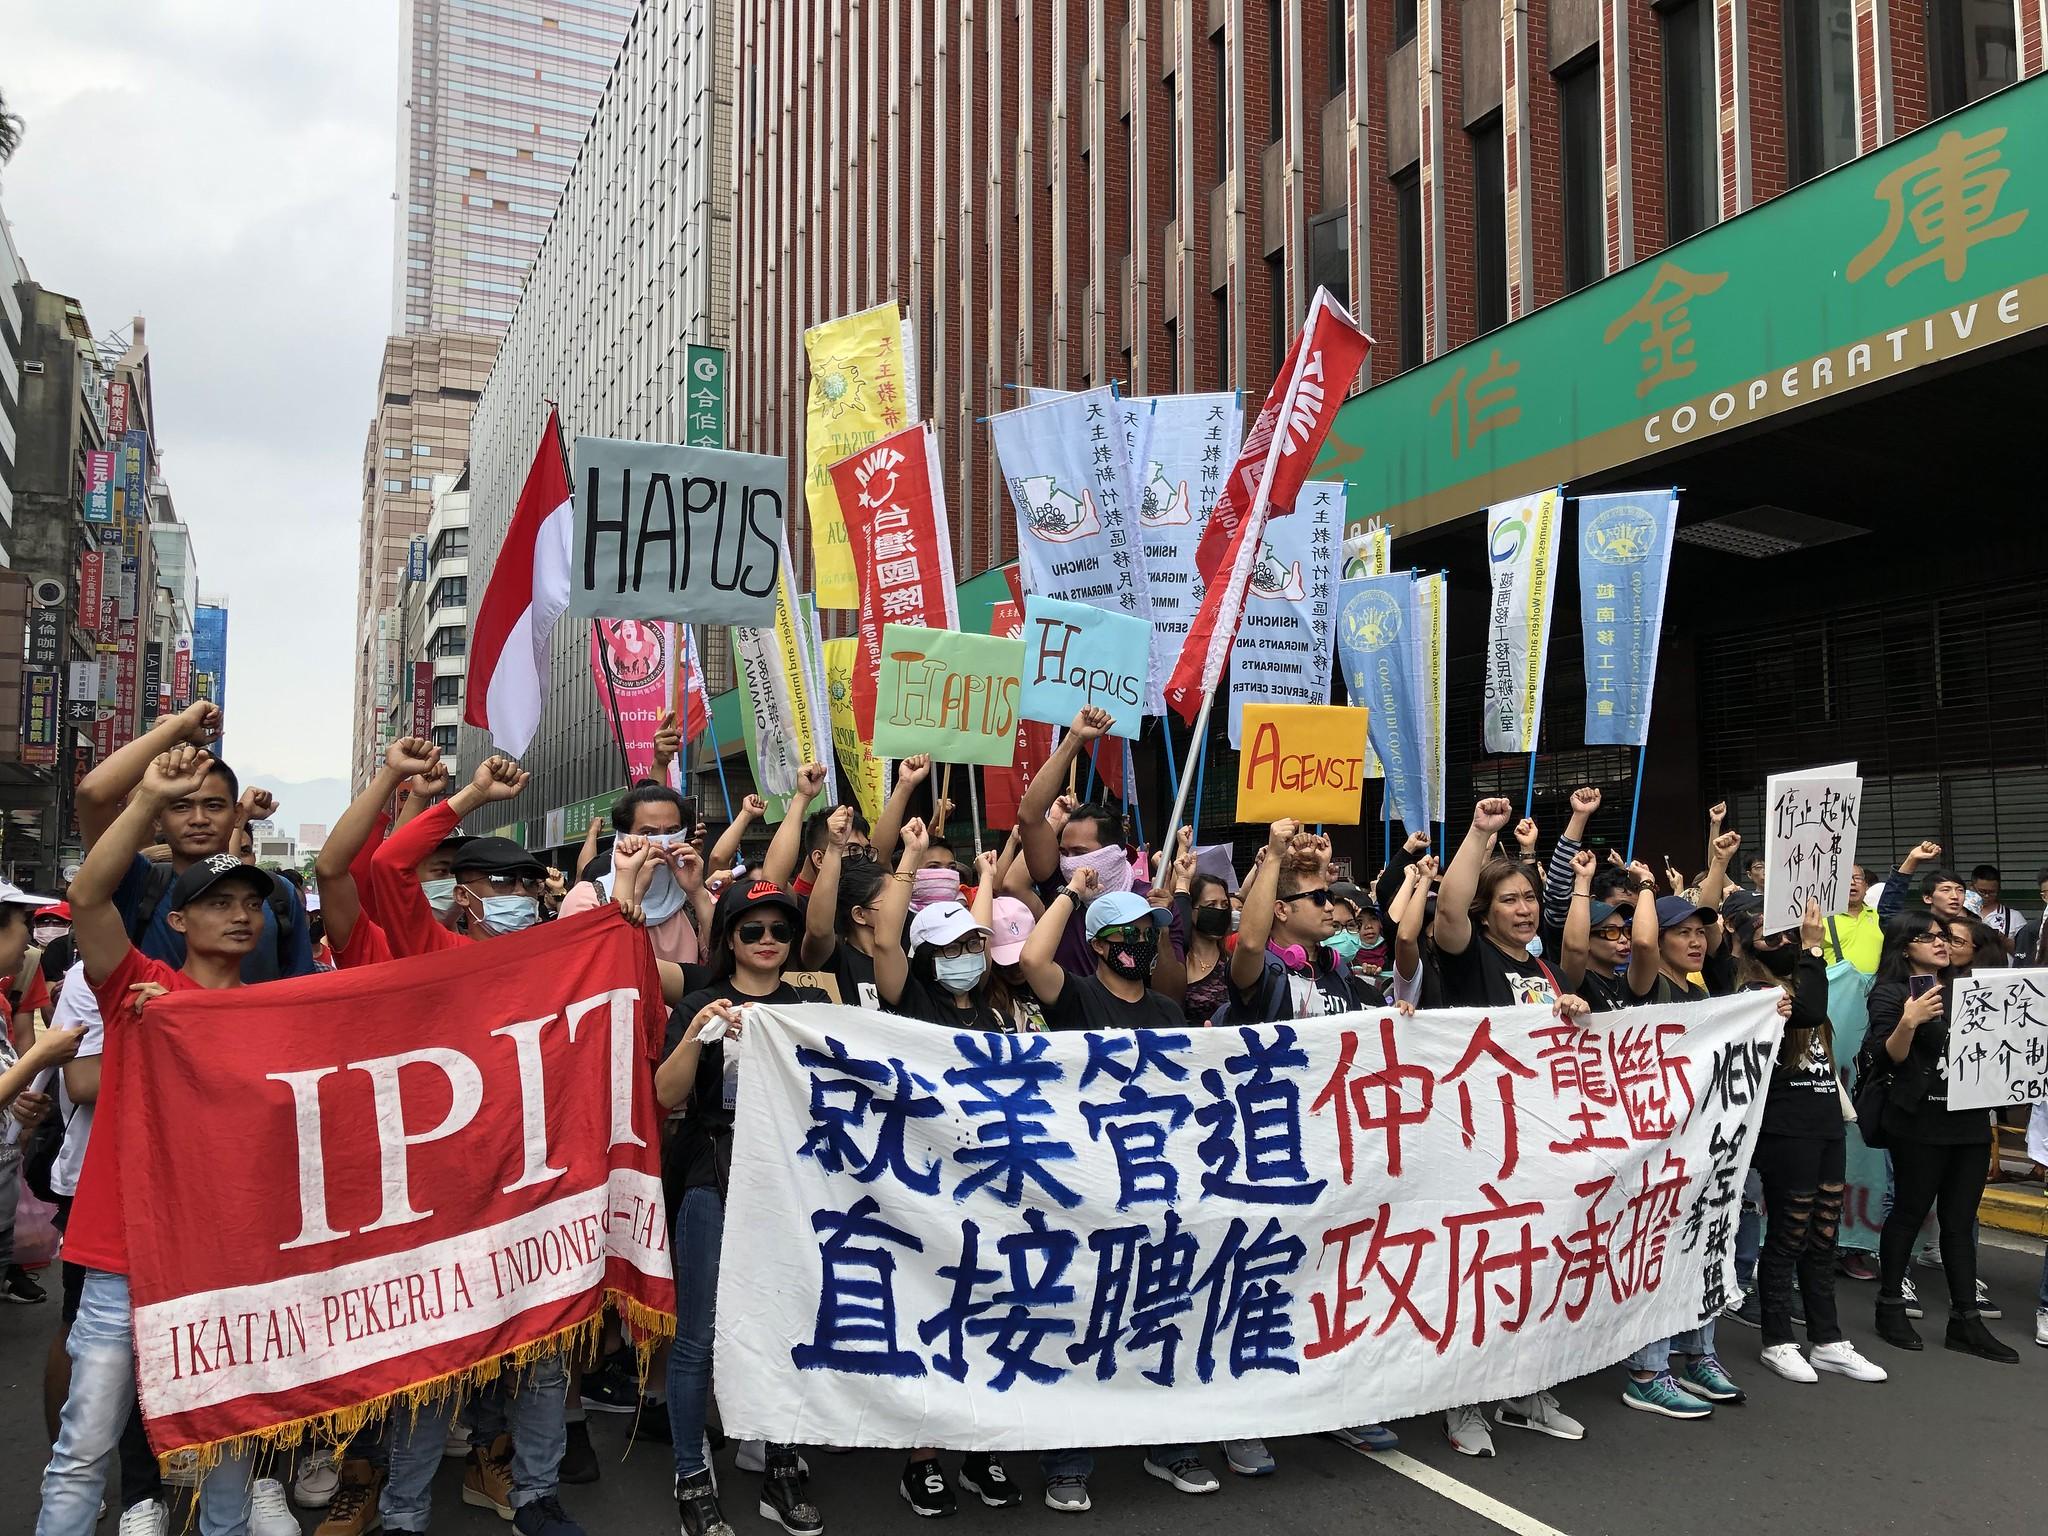 移工在勞動部前訴求直接聘僱制度,籲廢除私人仲介。(攝影:王顥中)